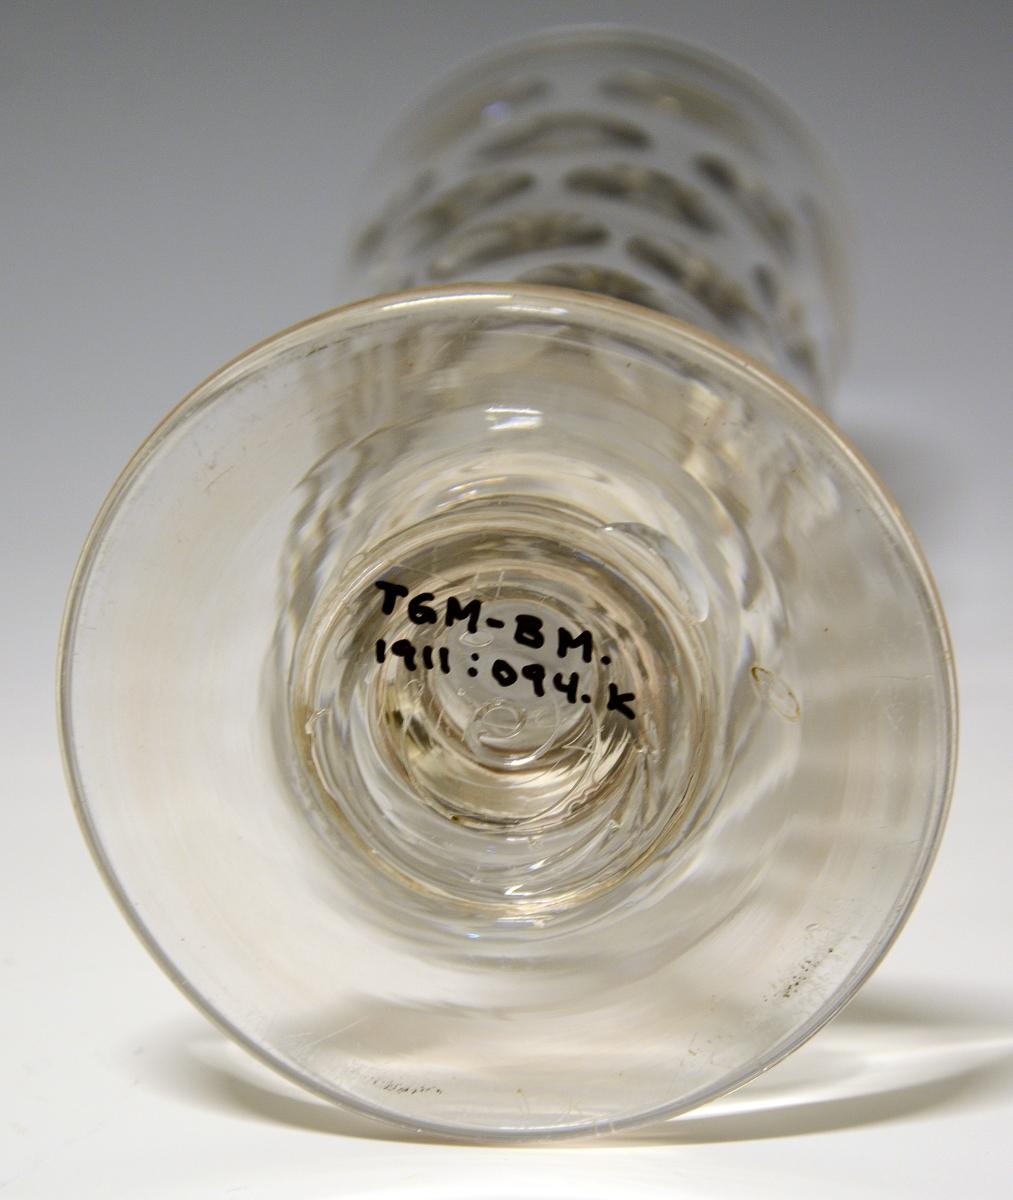 Glasspokal på stett, med slipt mønster. Tykt glass.